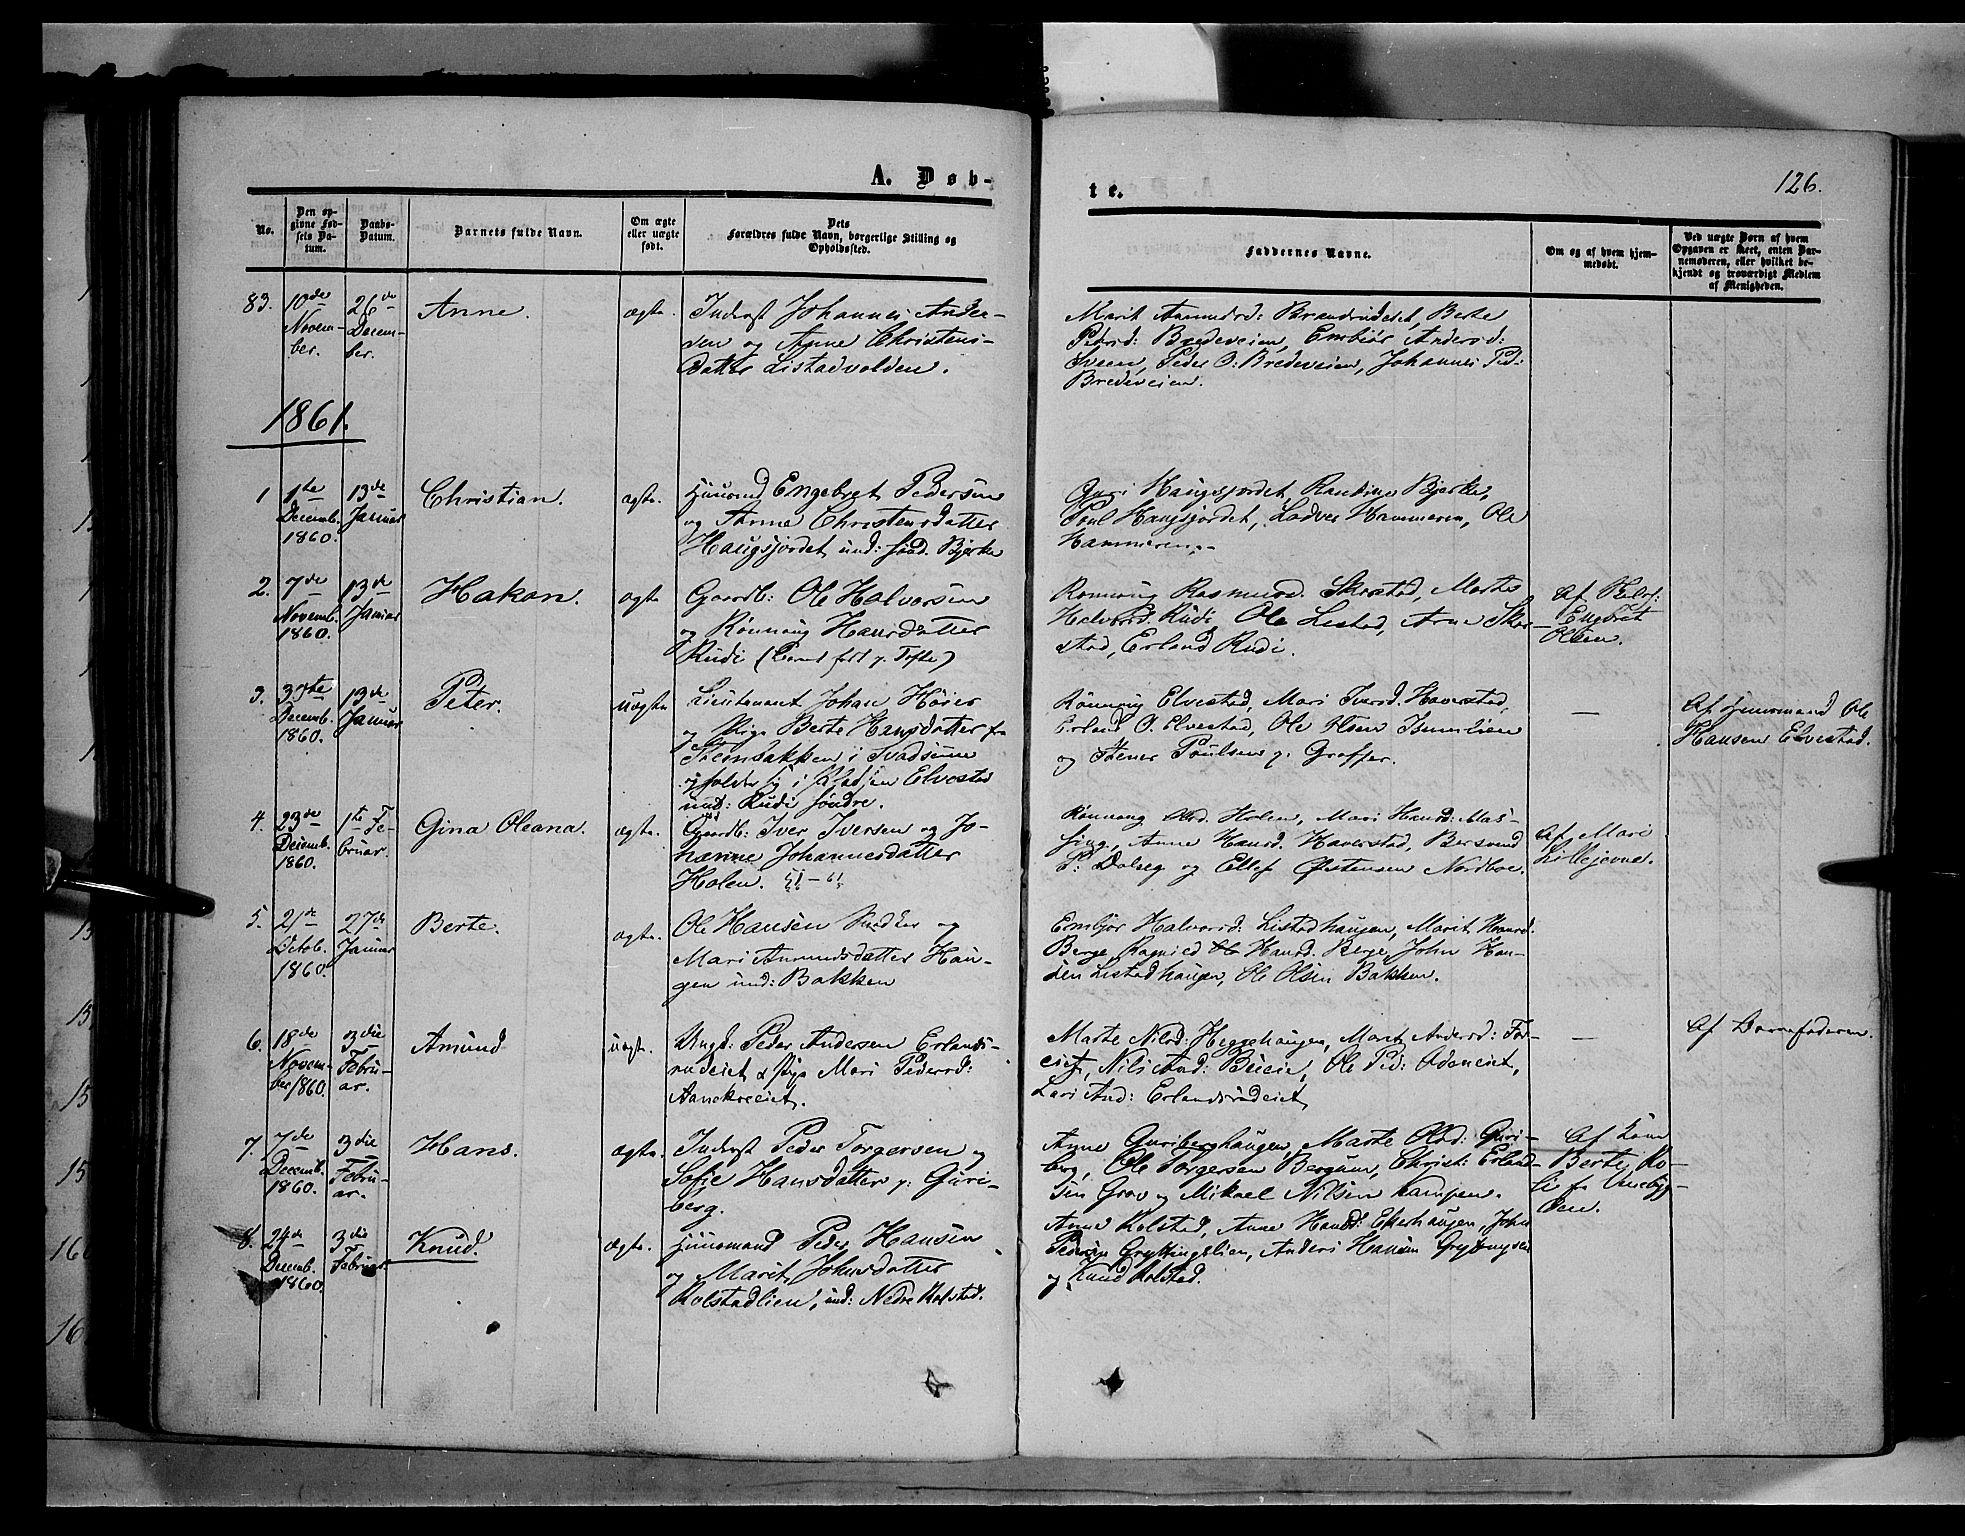 SAH, Sør-Fron prestekontor, H/Ha/Haa/L0001: Ministerialbok nr. 1, 1849-1863, s. 126